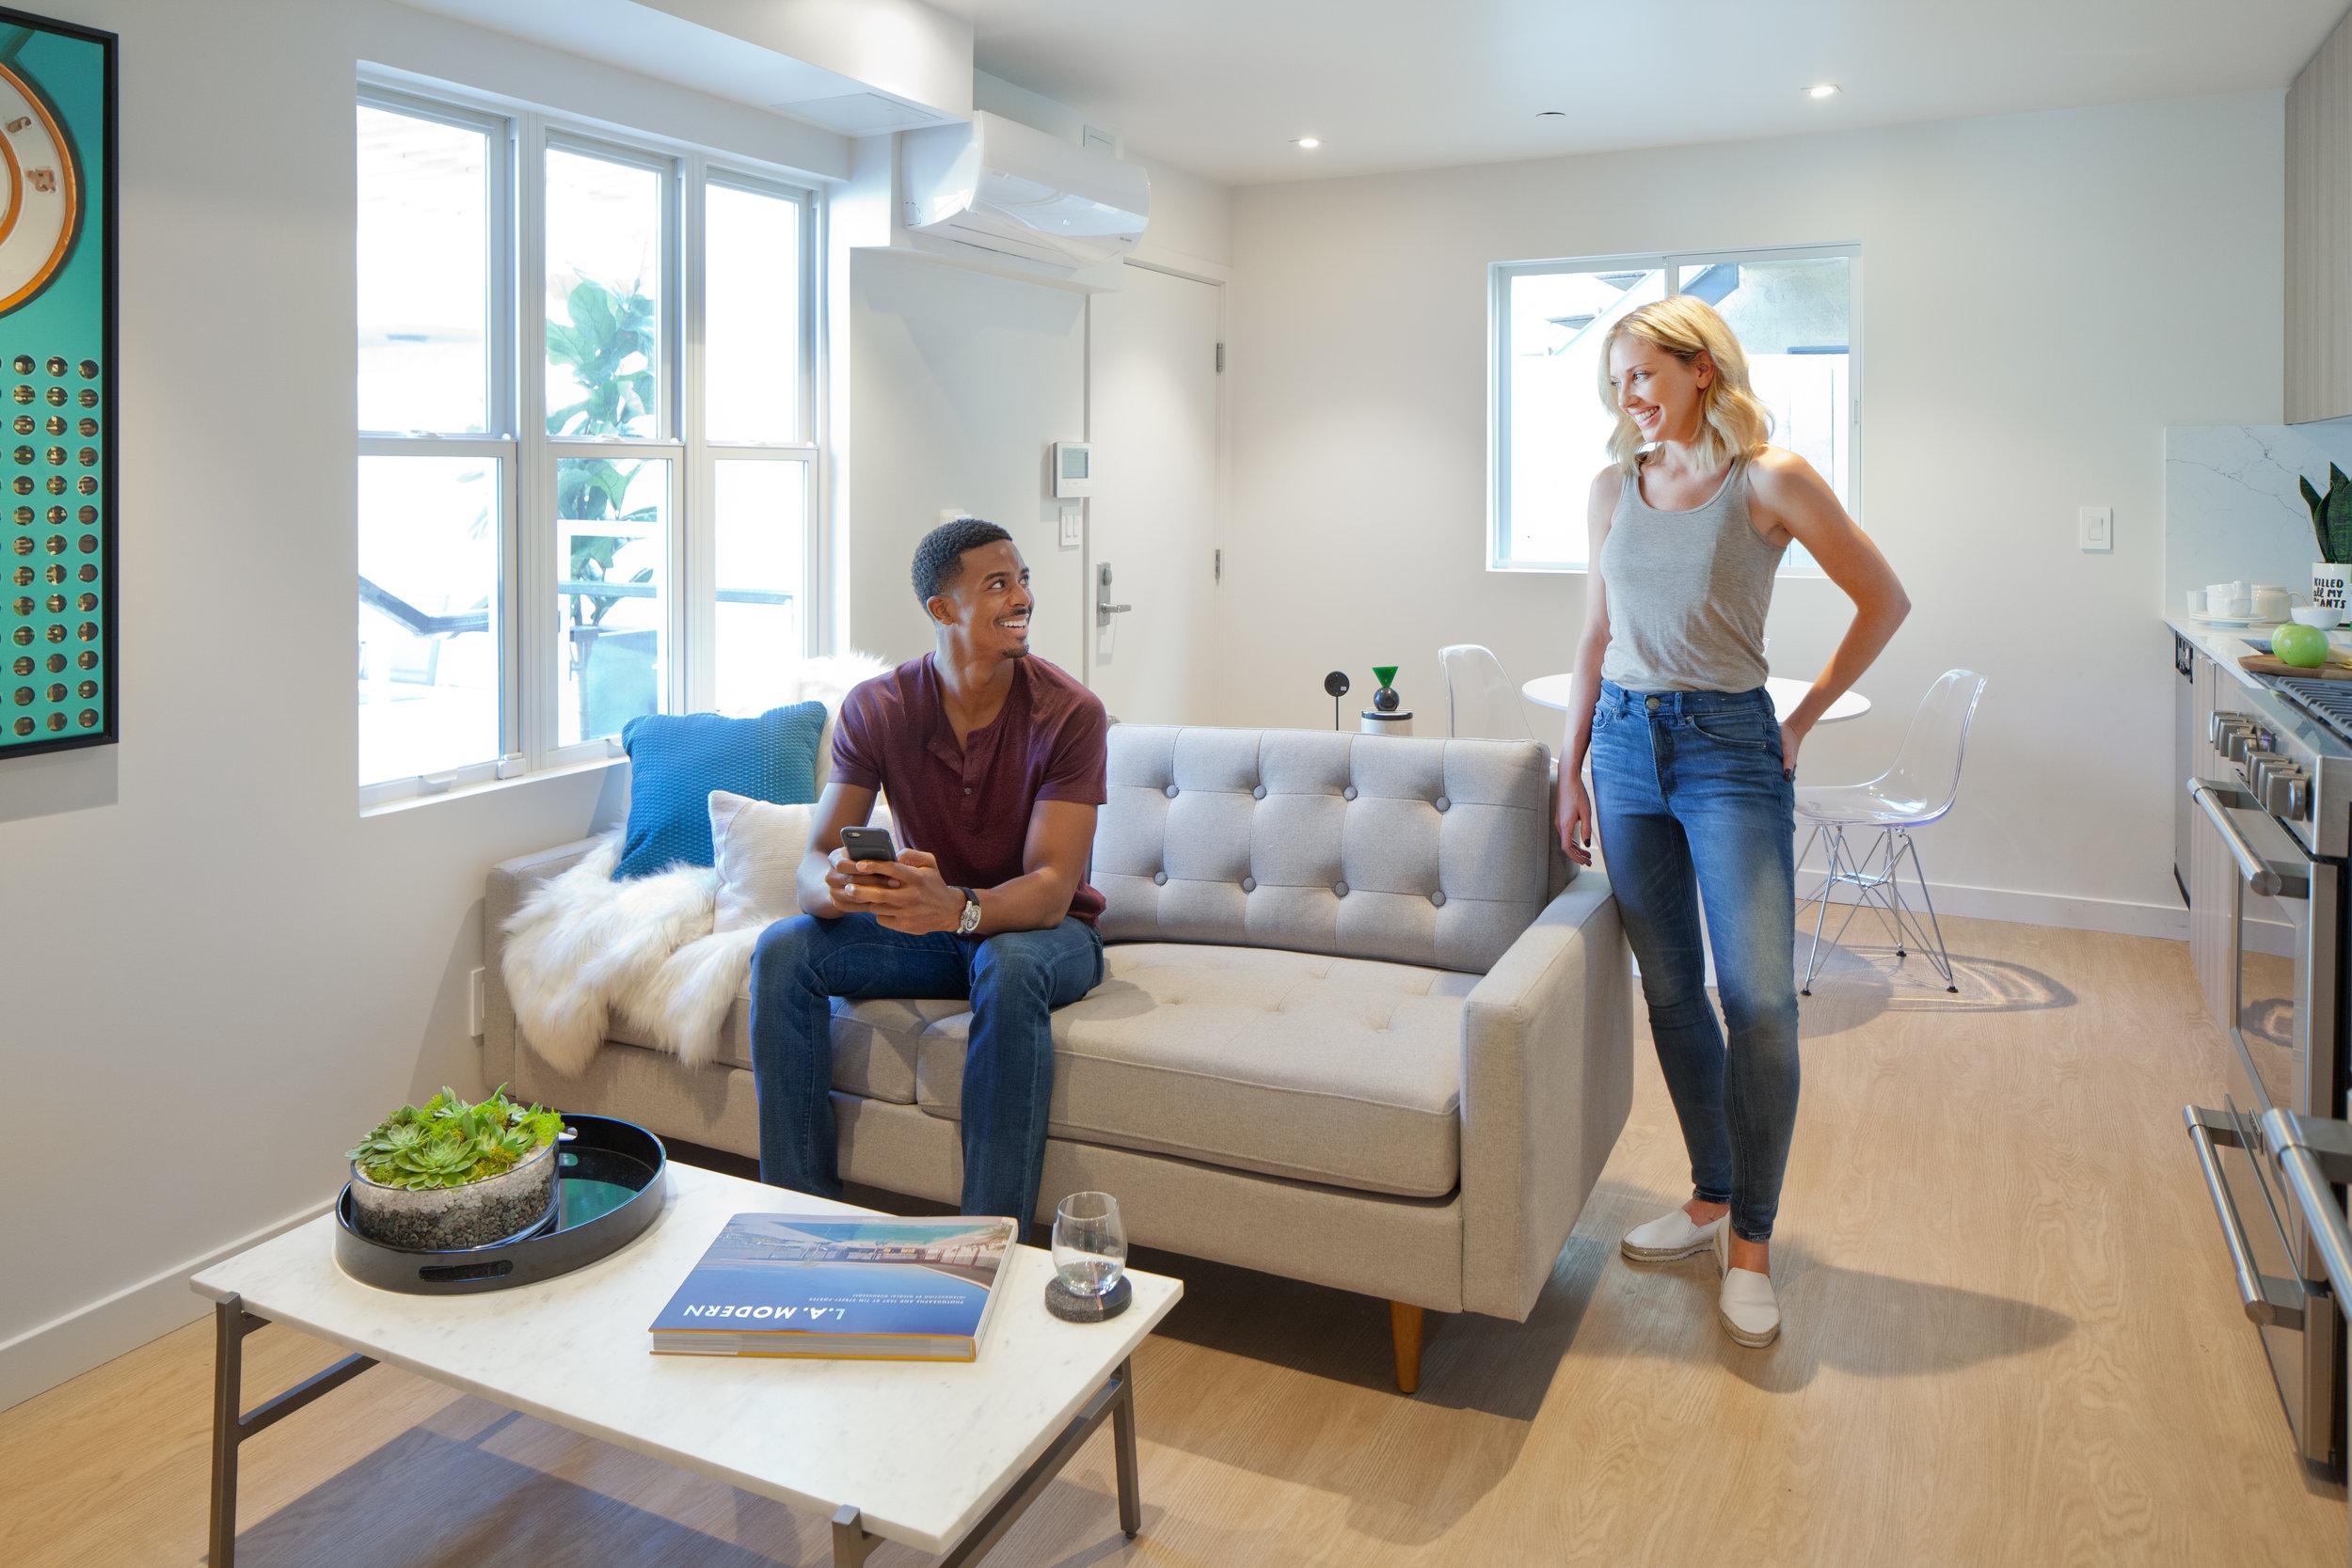 06 - Interior Living Room.jpg